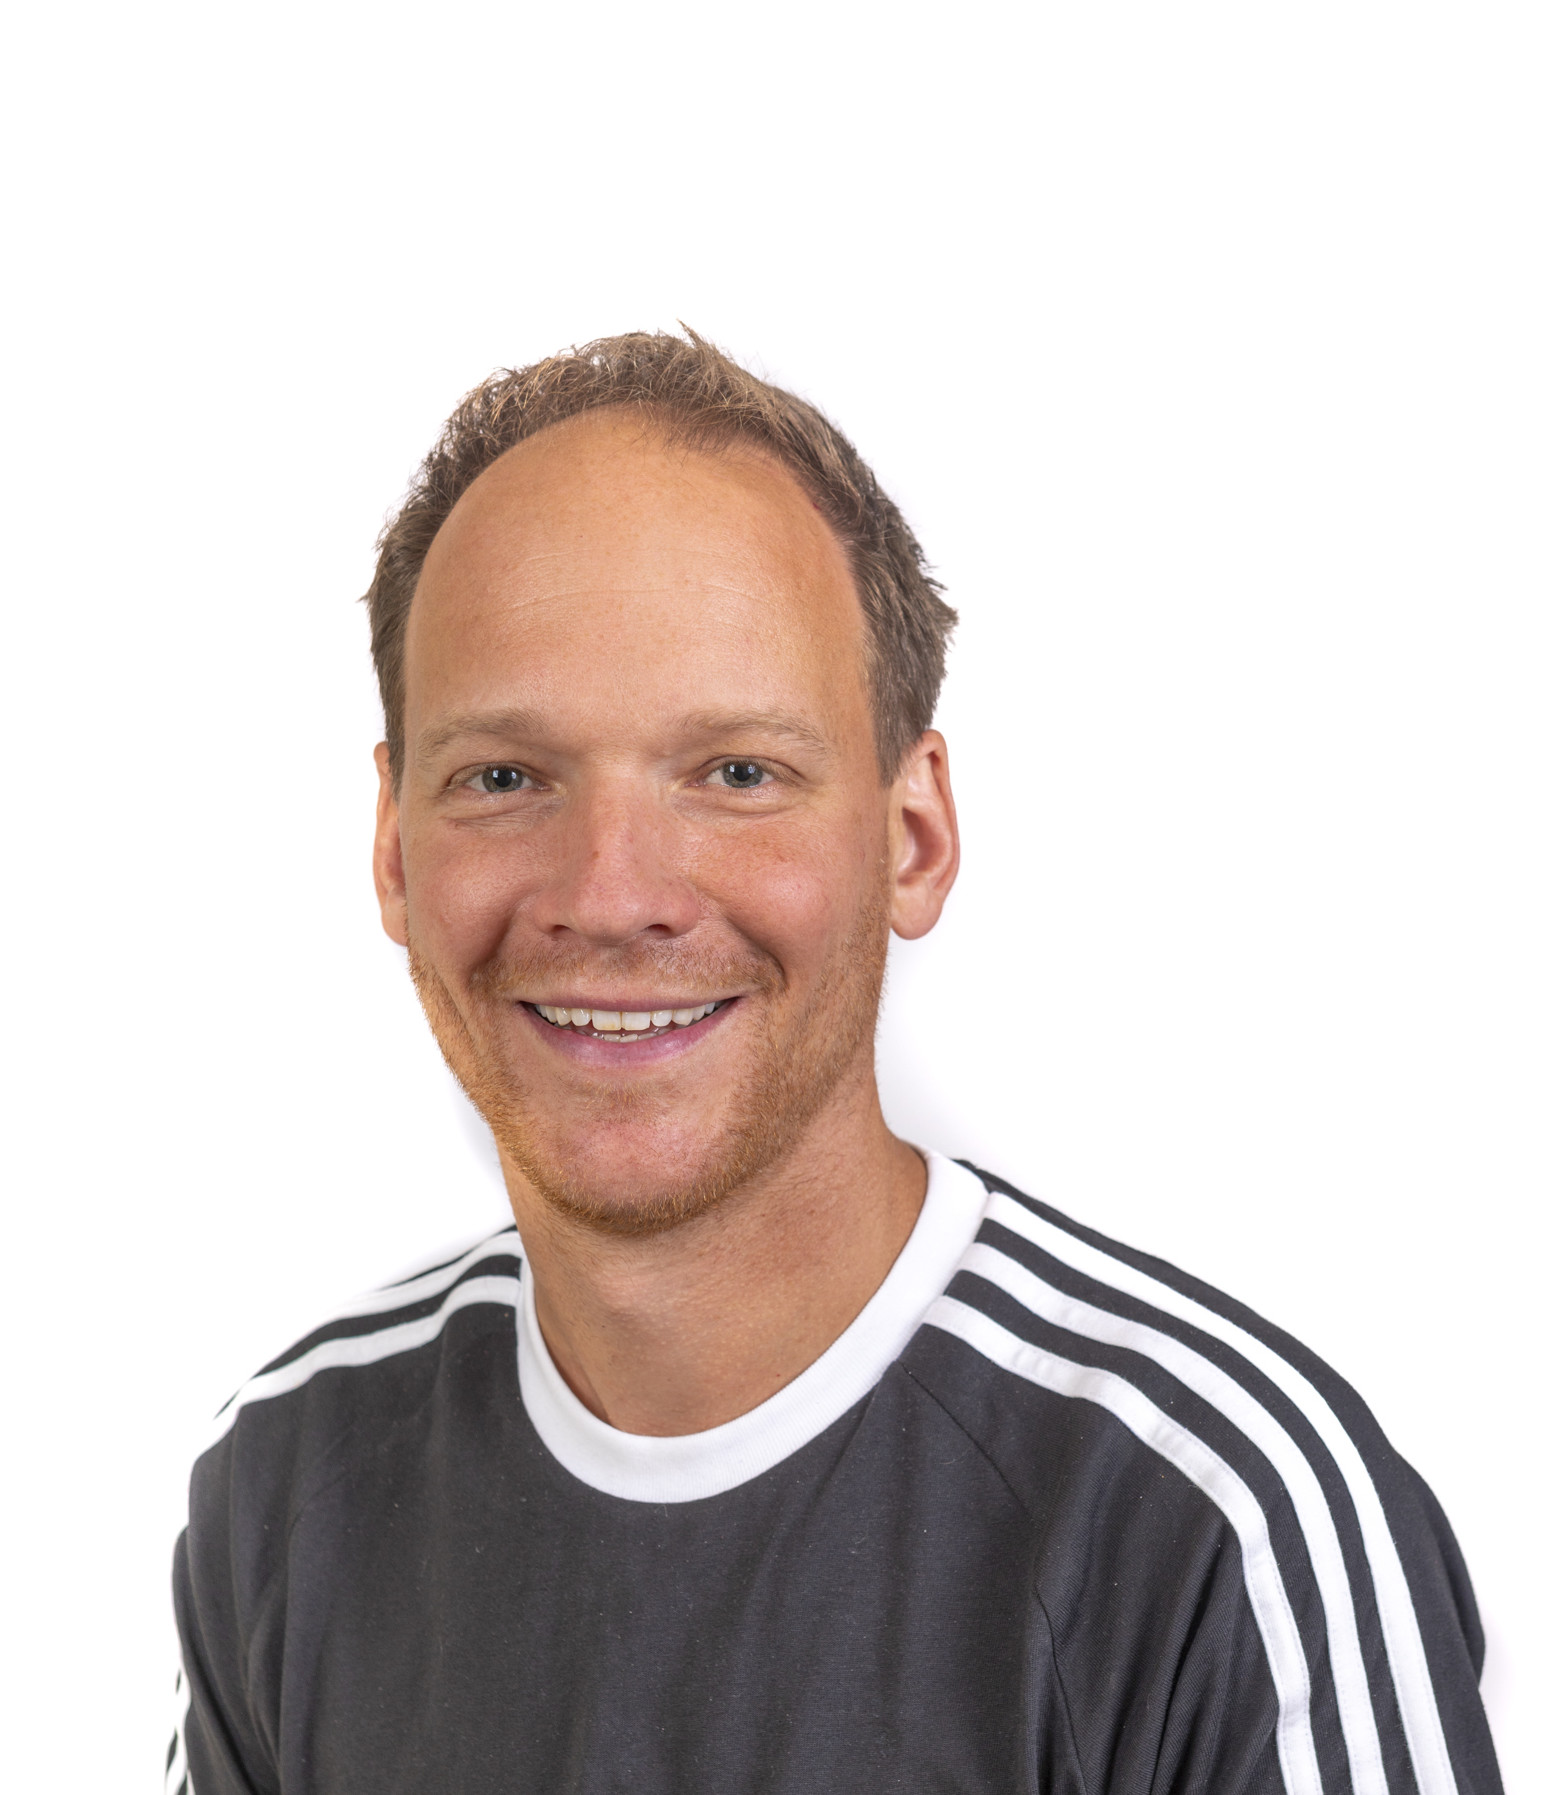 Joost van den Meijdenberg, Vakleerkracht sport en bewegen Gabriël